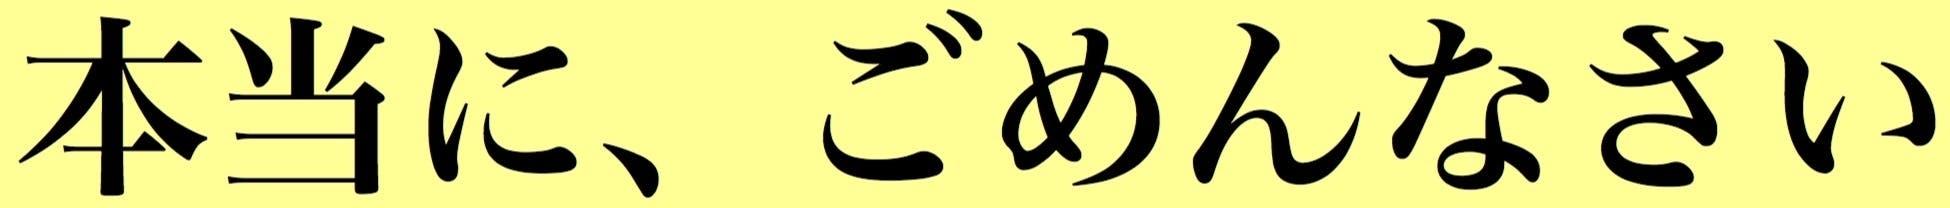 世界で活躍する「とんでもない」パフォーマーを集め、極上のエンタメを日本で!